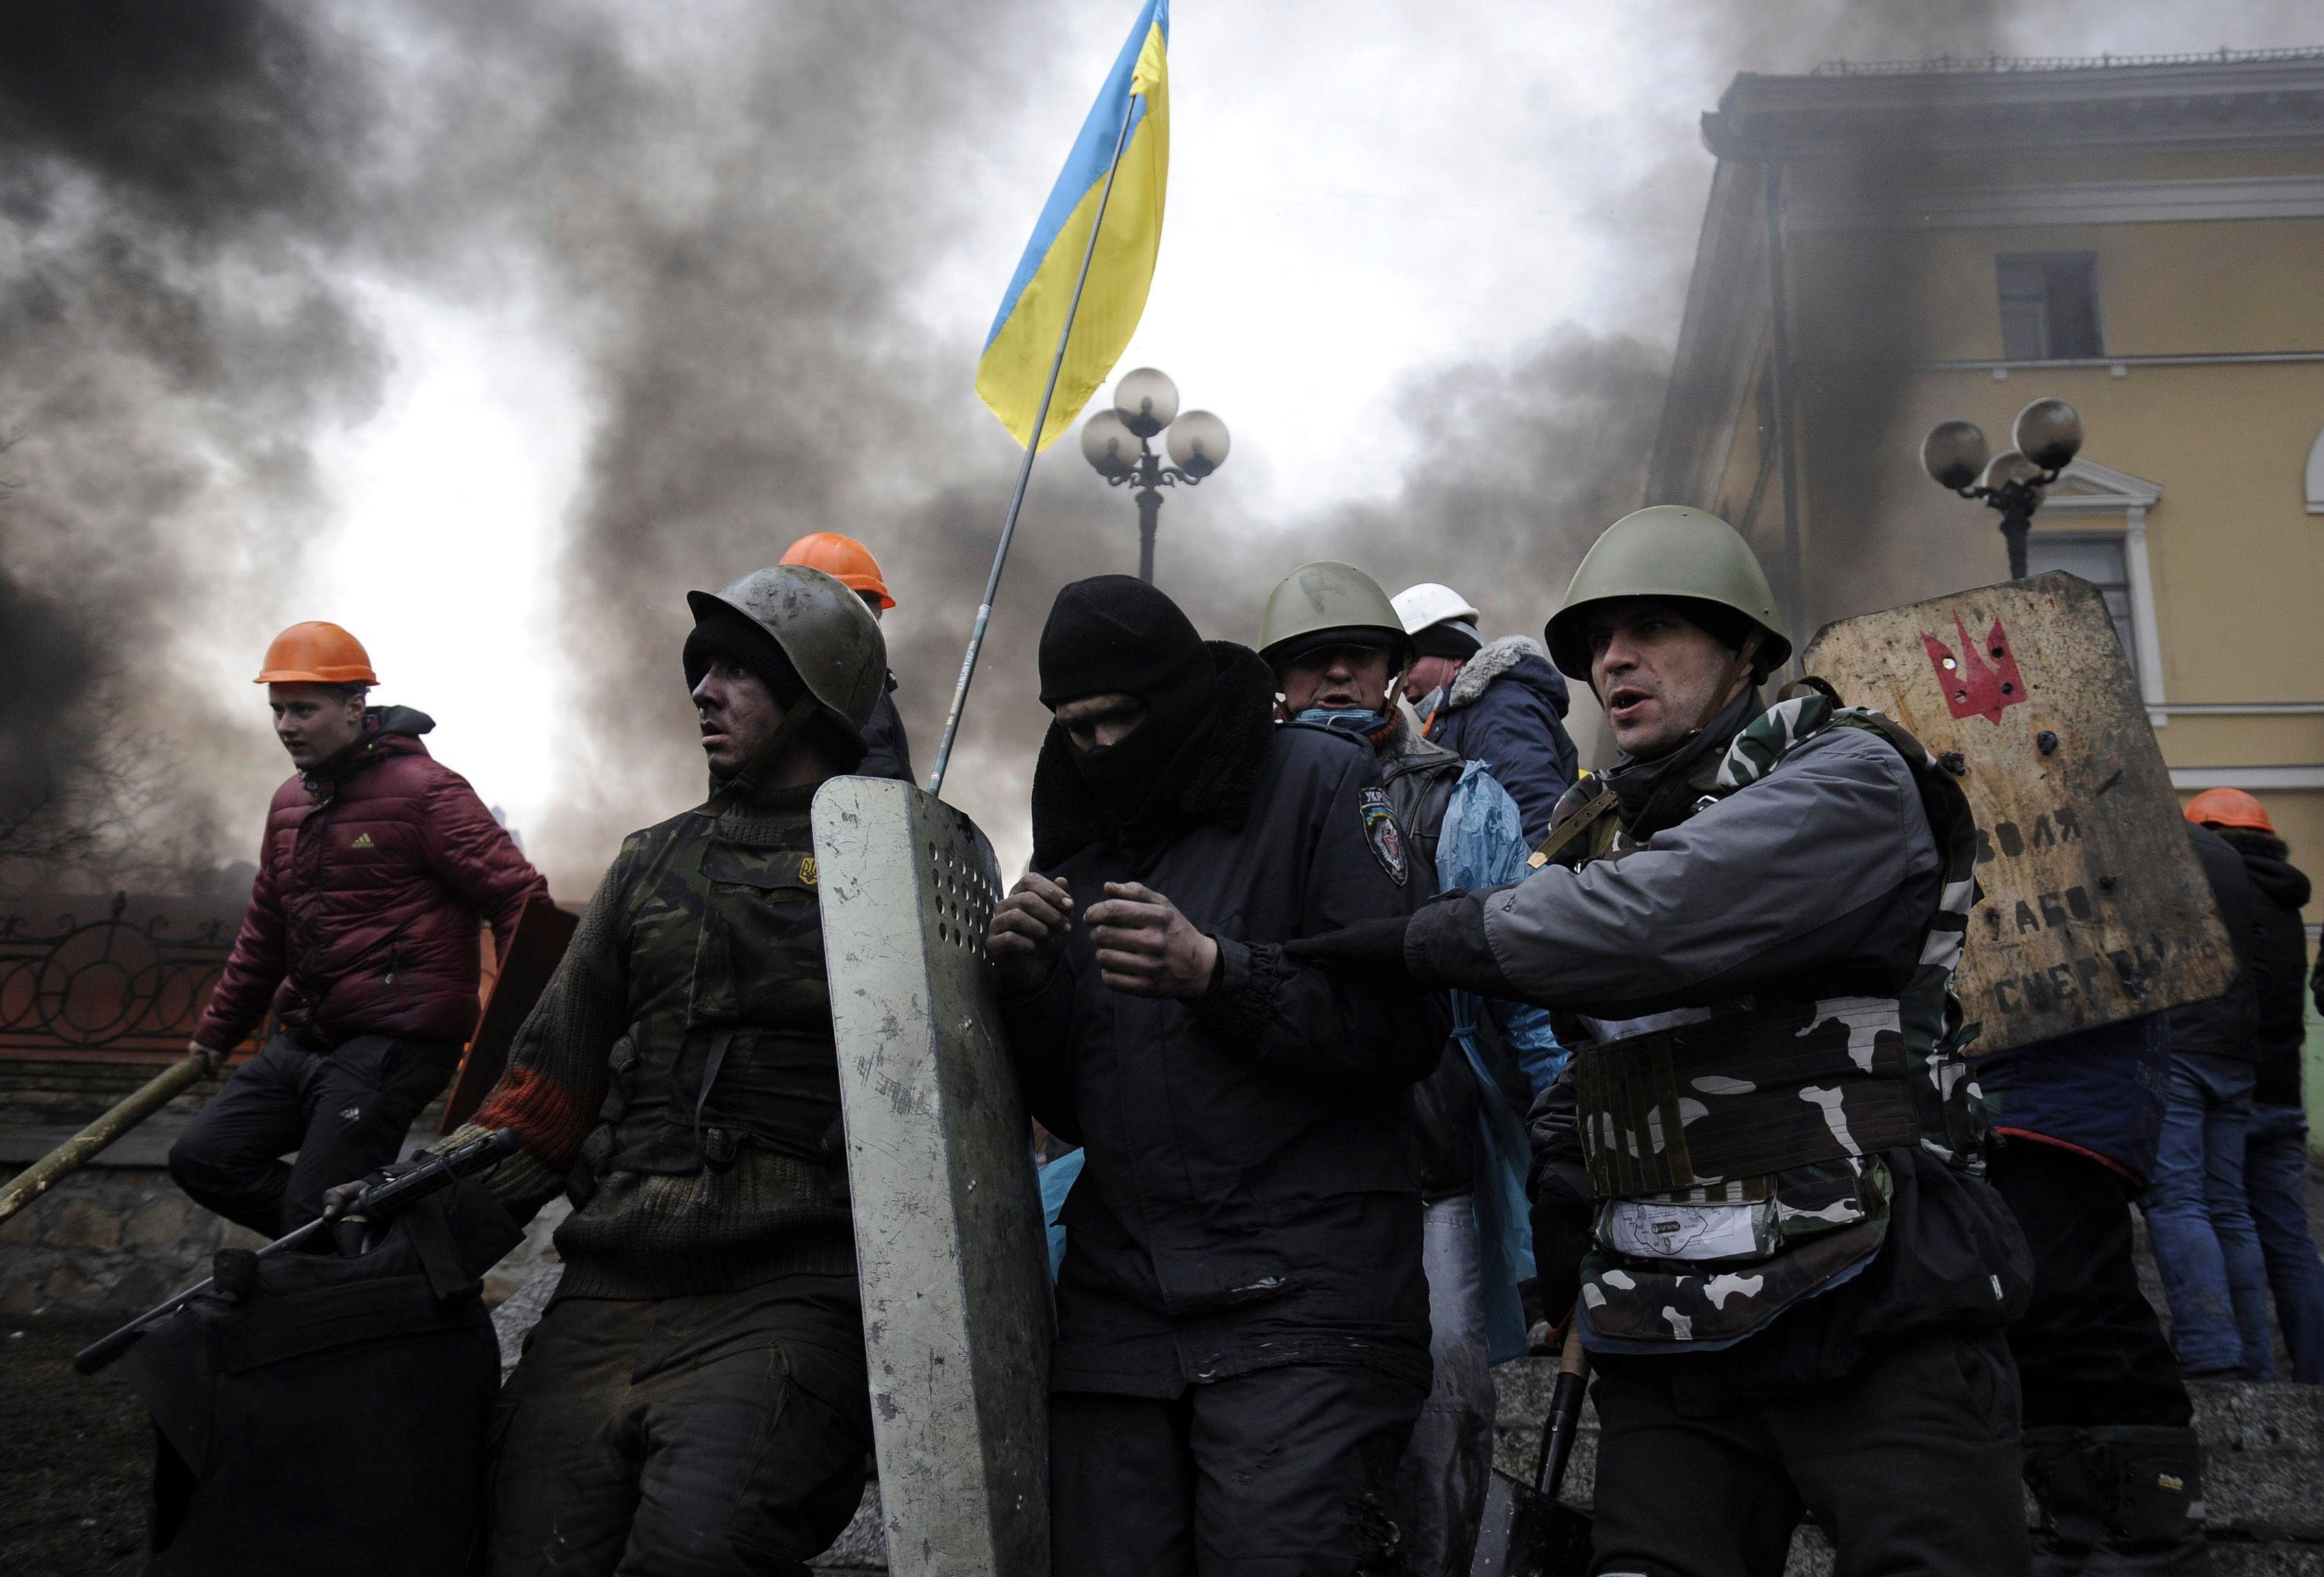 Le bilan des violences à Kiev est monté à 75 morts depuis mardi.